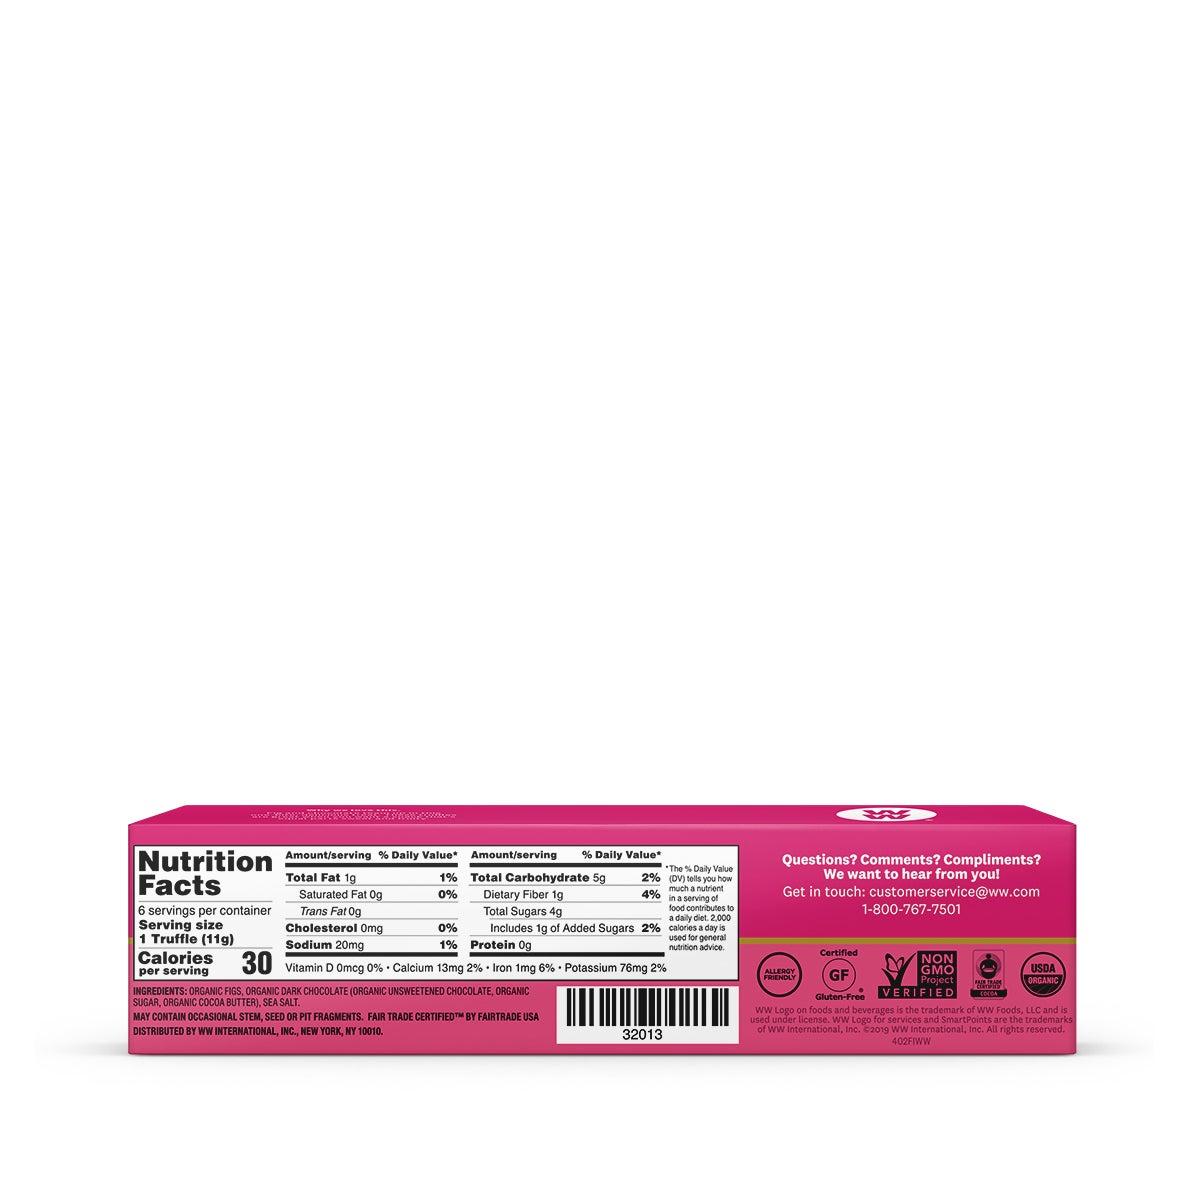 packaging nutritional